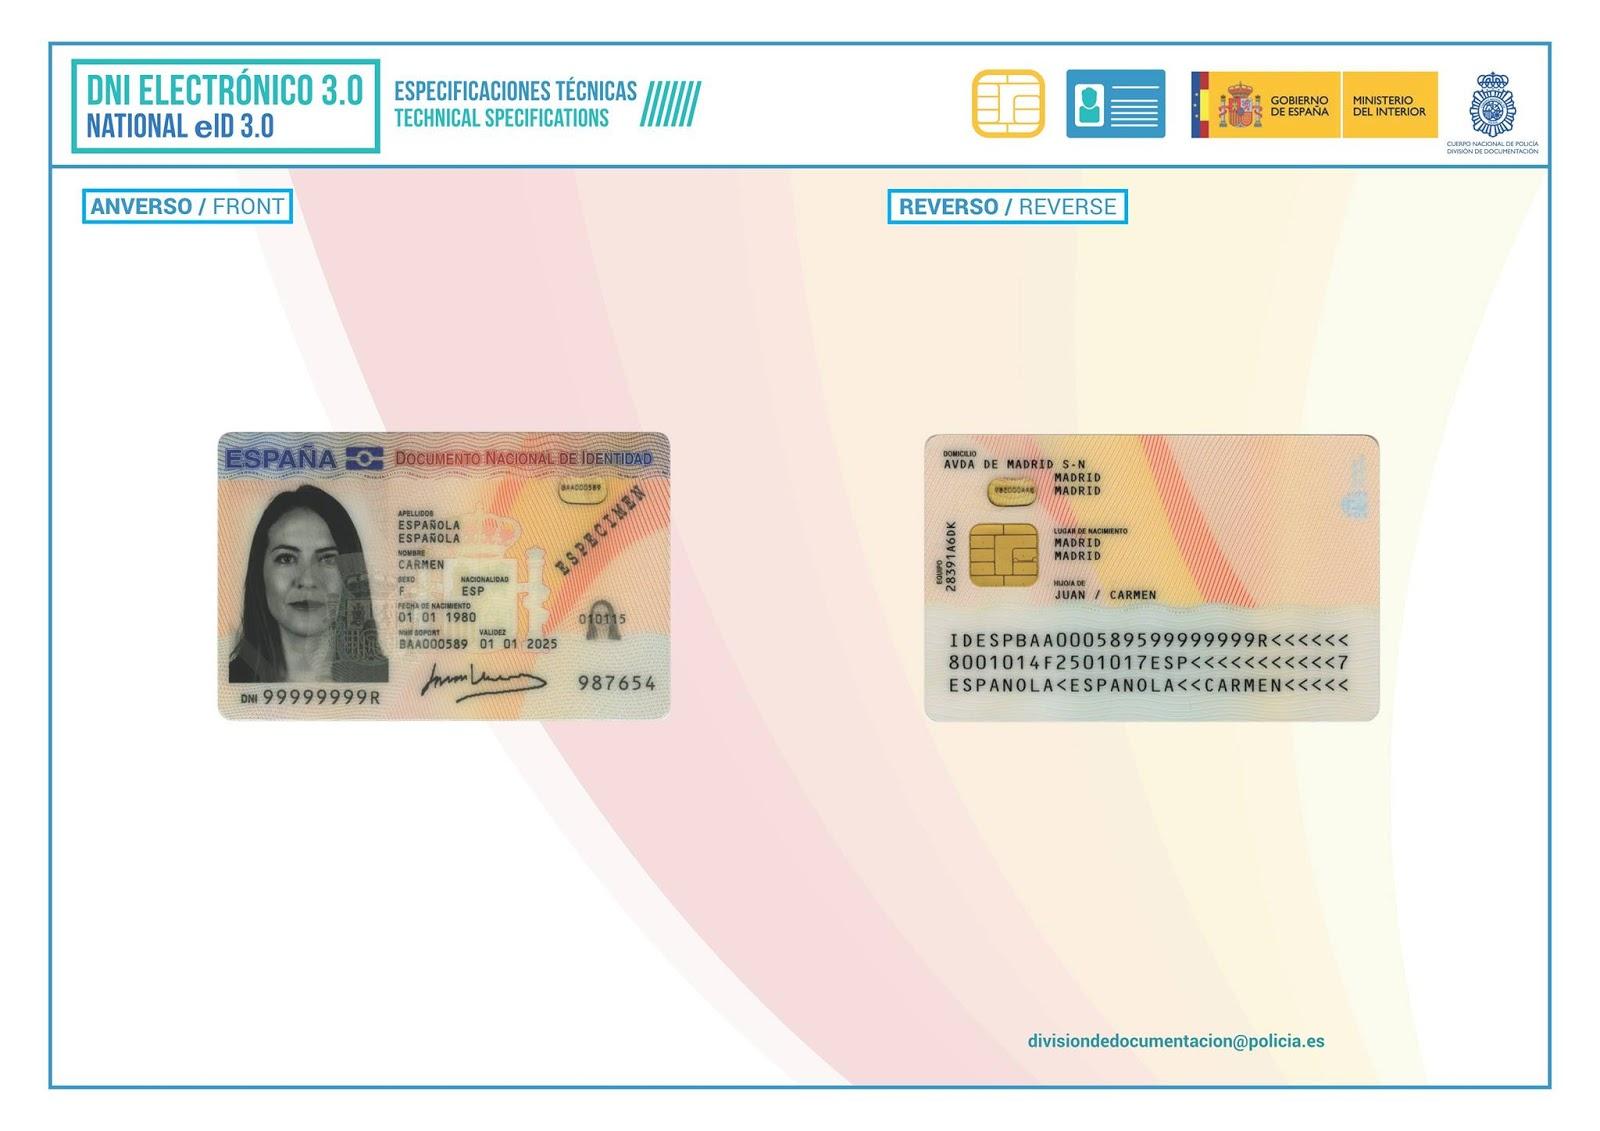 El dni electr nico 3 0 disponible en la sede de la - Gran canaria tv com ...